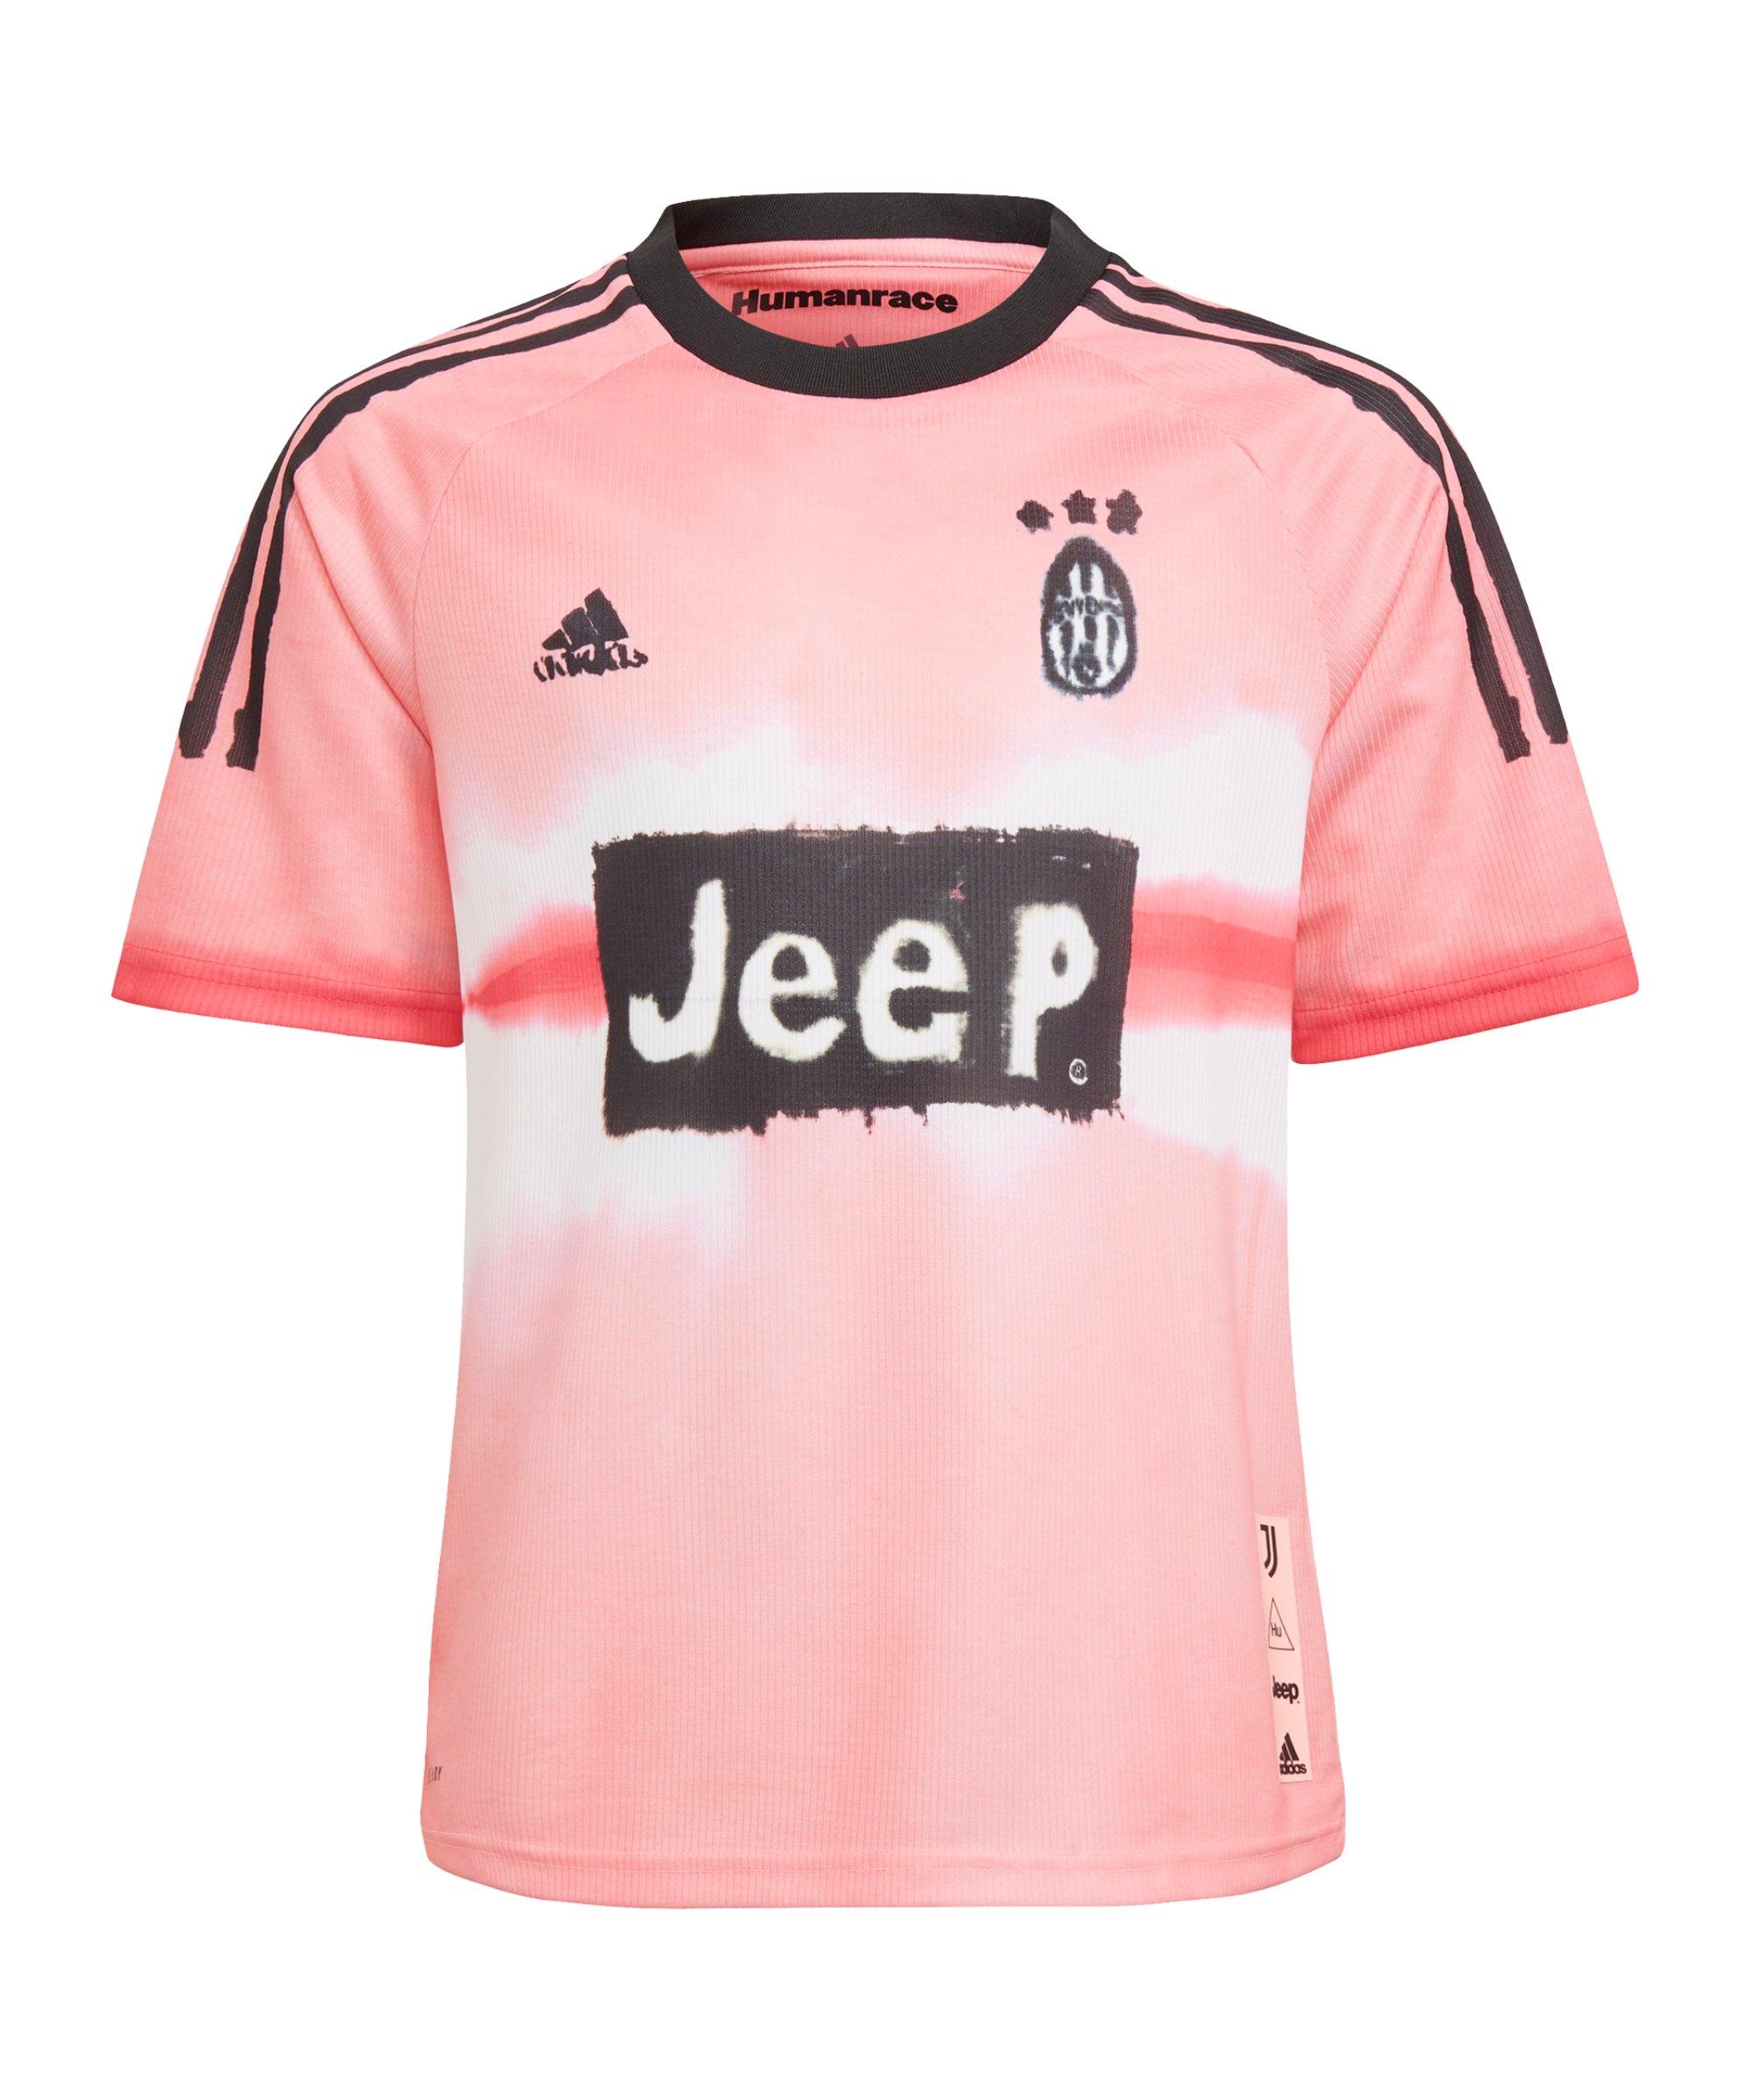 adidas Juventus Turin Human Race Trikot Kids Pink - pink